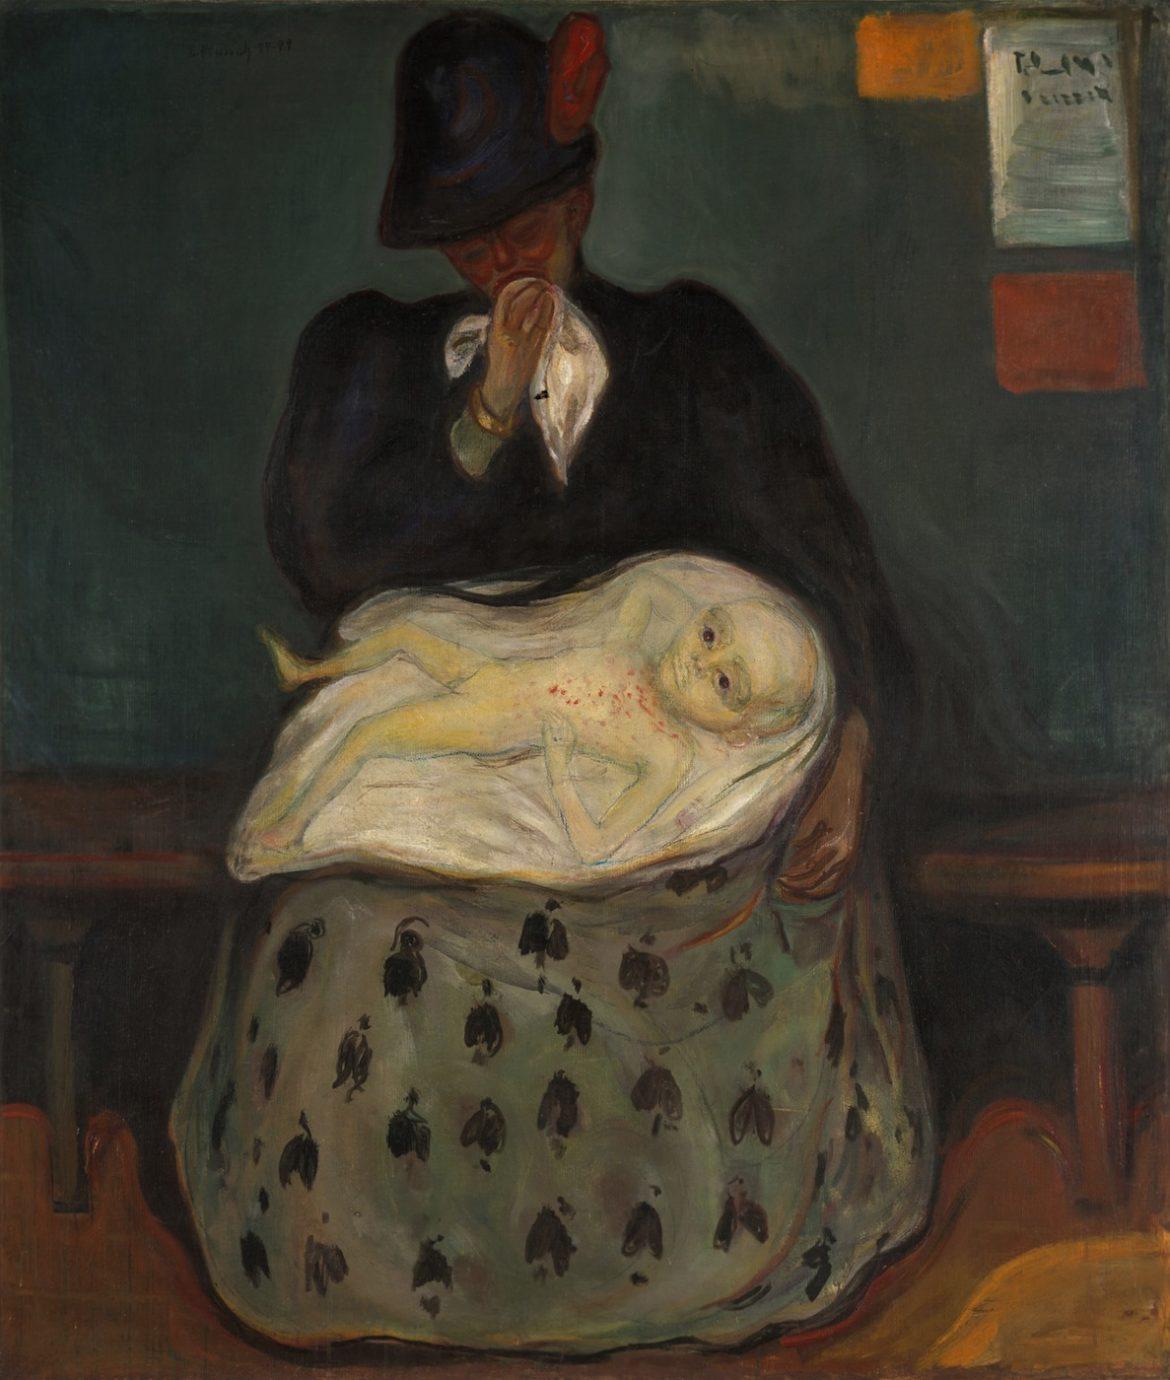 Héritage, Edvard Munch (description à la fin de l'article)